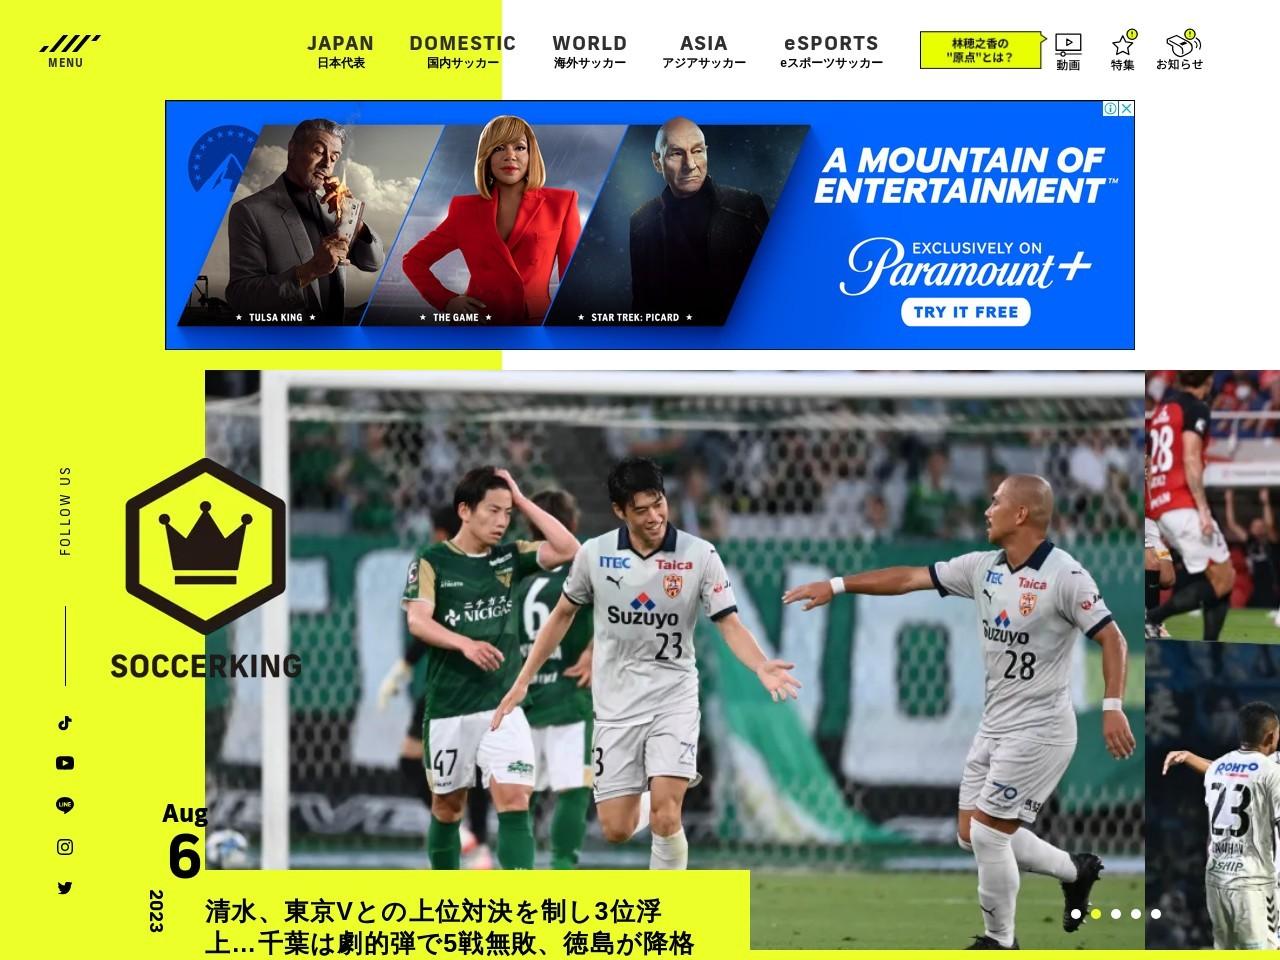 最新FIFAランキング発表…日本はランクダウン、ポルトガルがトップ5に